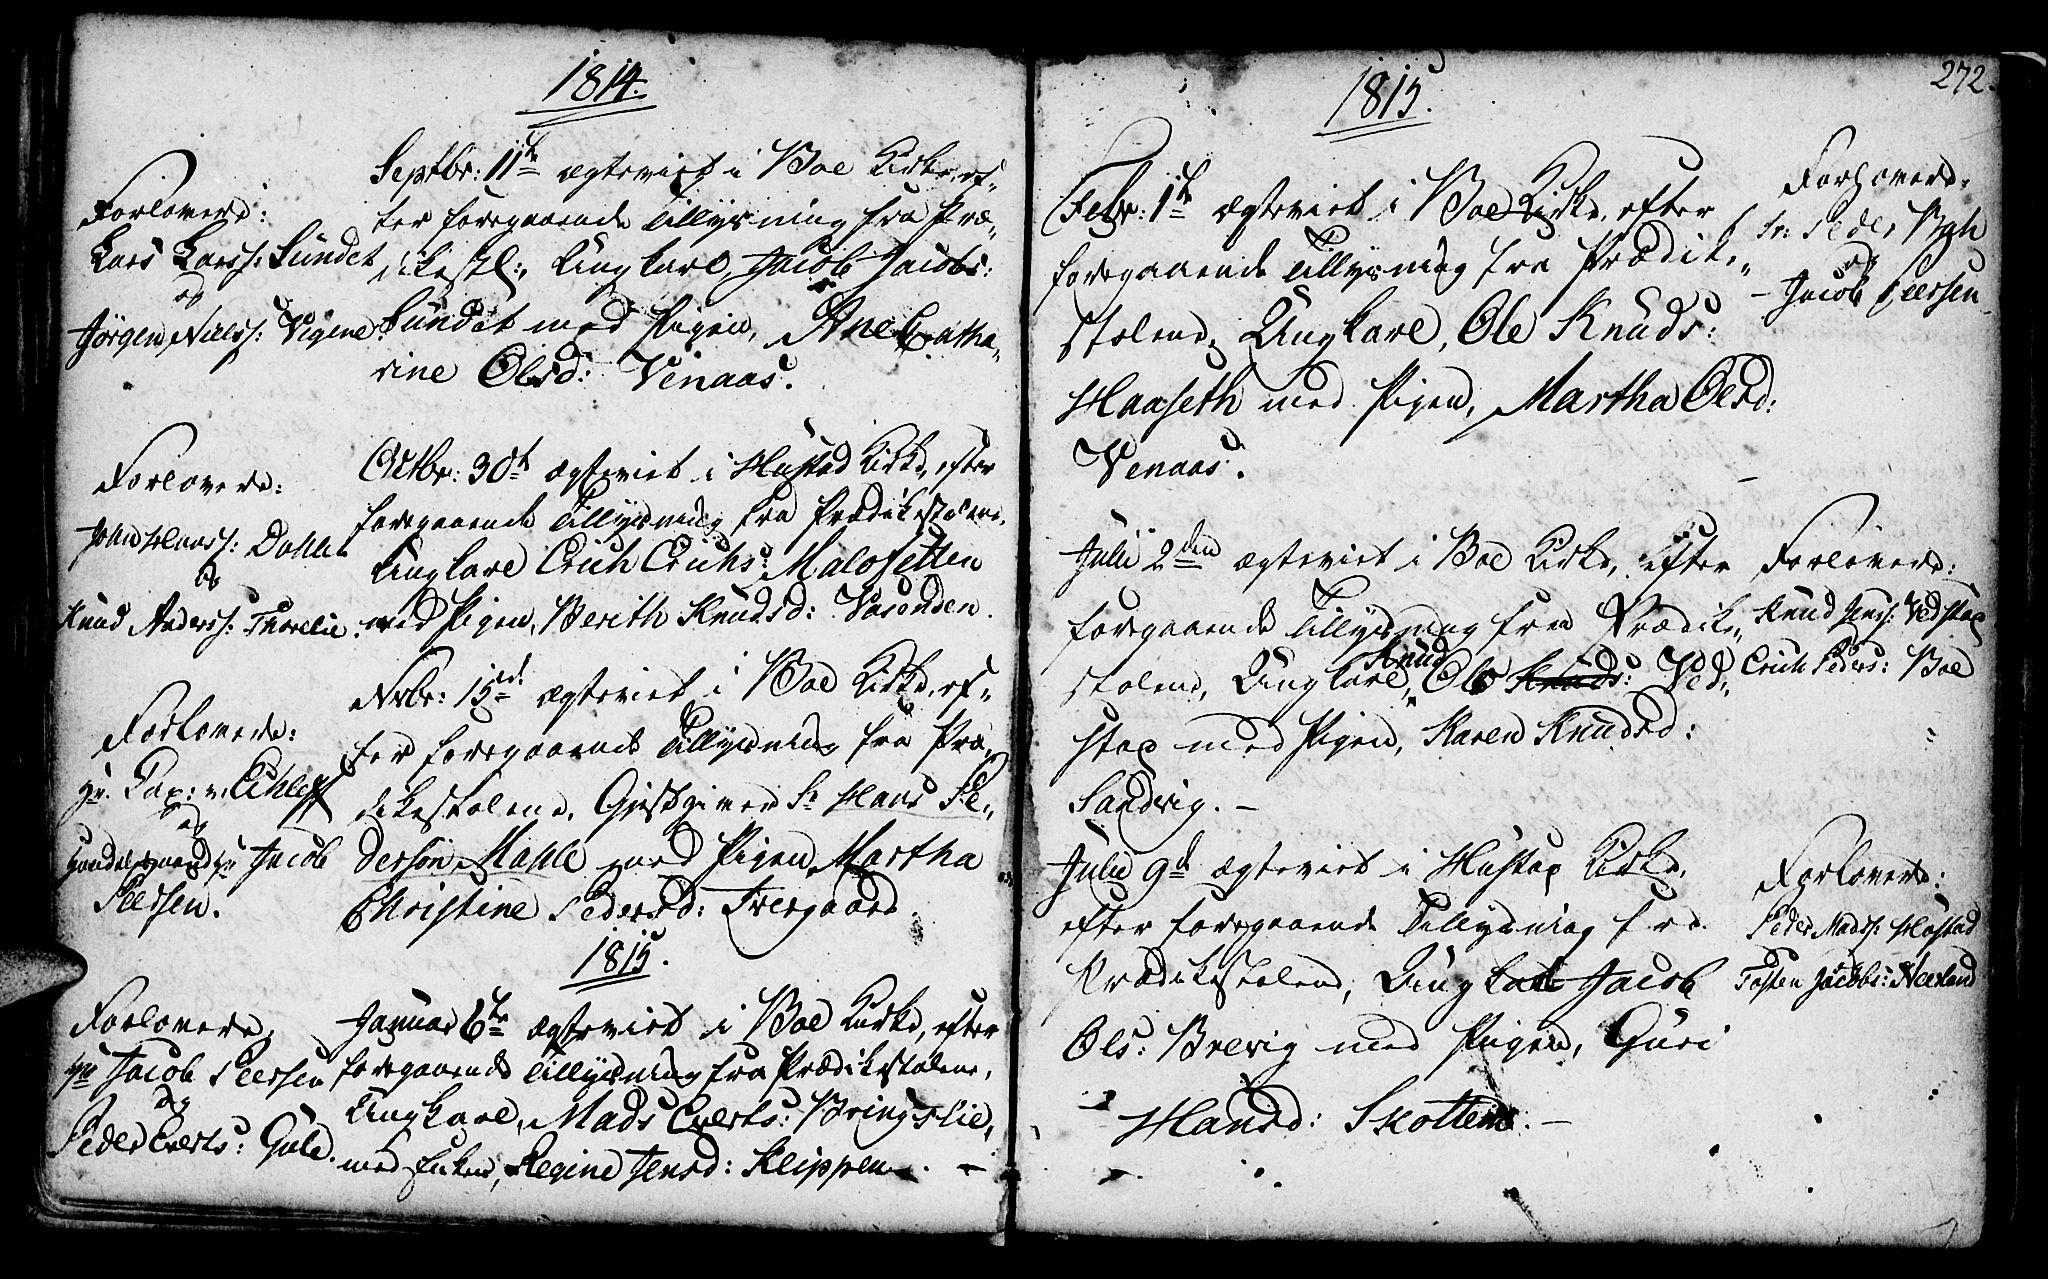 SAT, Ministerialprotokoller, klokkerbøker og fødselsregistre - Møre og Romsdal, 566/L0761: Ministerialbok nr. 566A02 /1, 1767-1817, s. 272